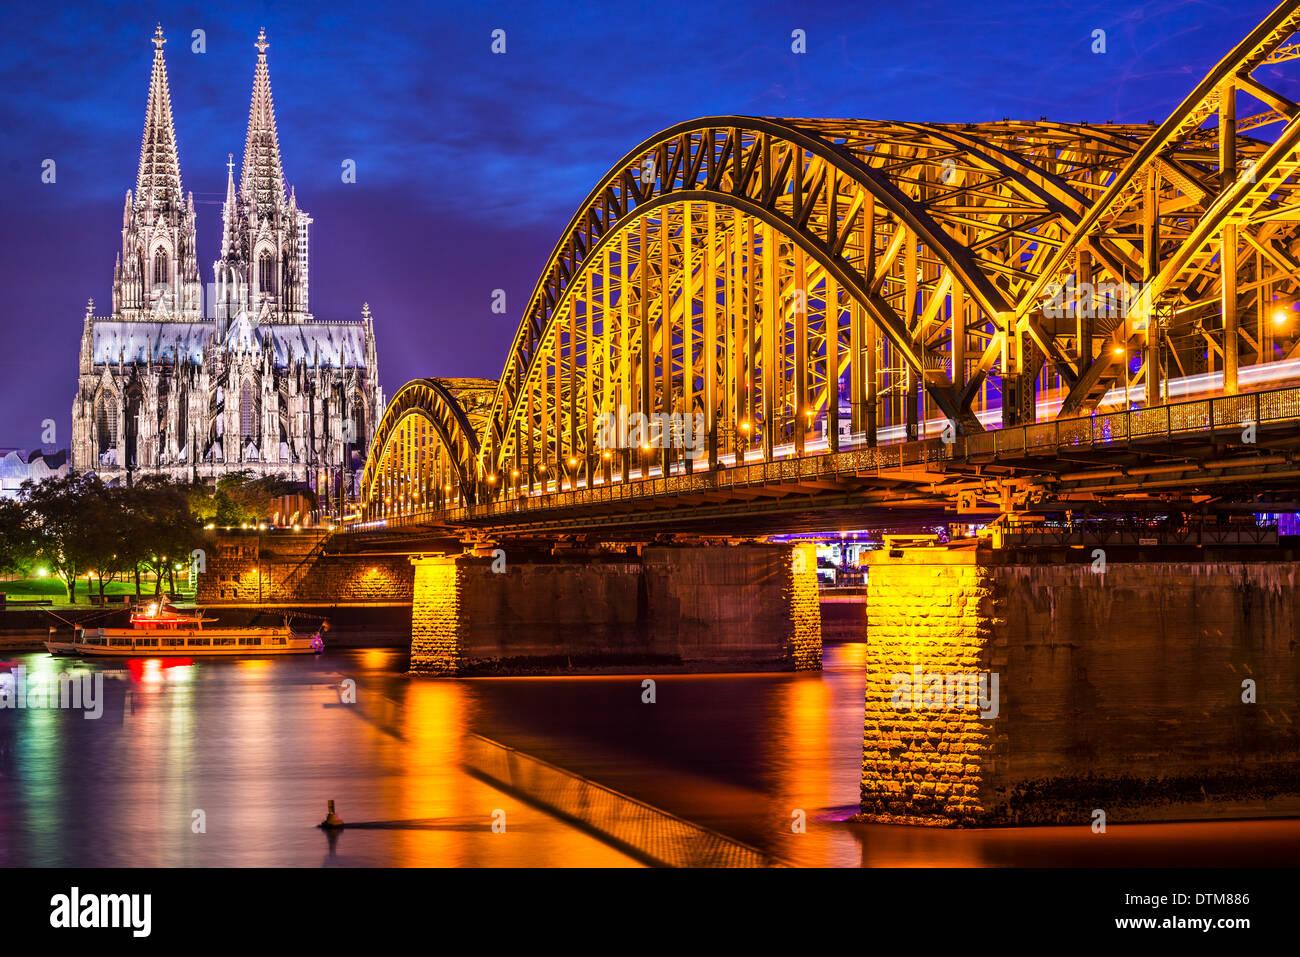 Colonia, Germania presso la cattedrale e il ponte sul fiume Reno. Immagini Stock